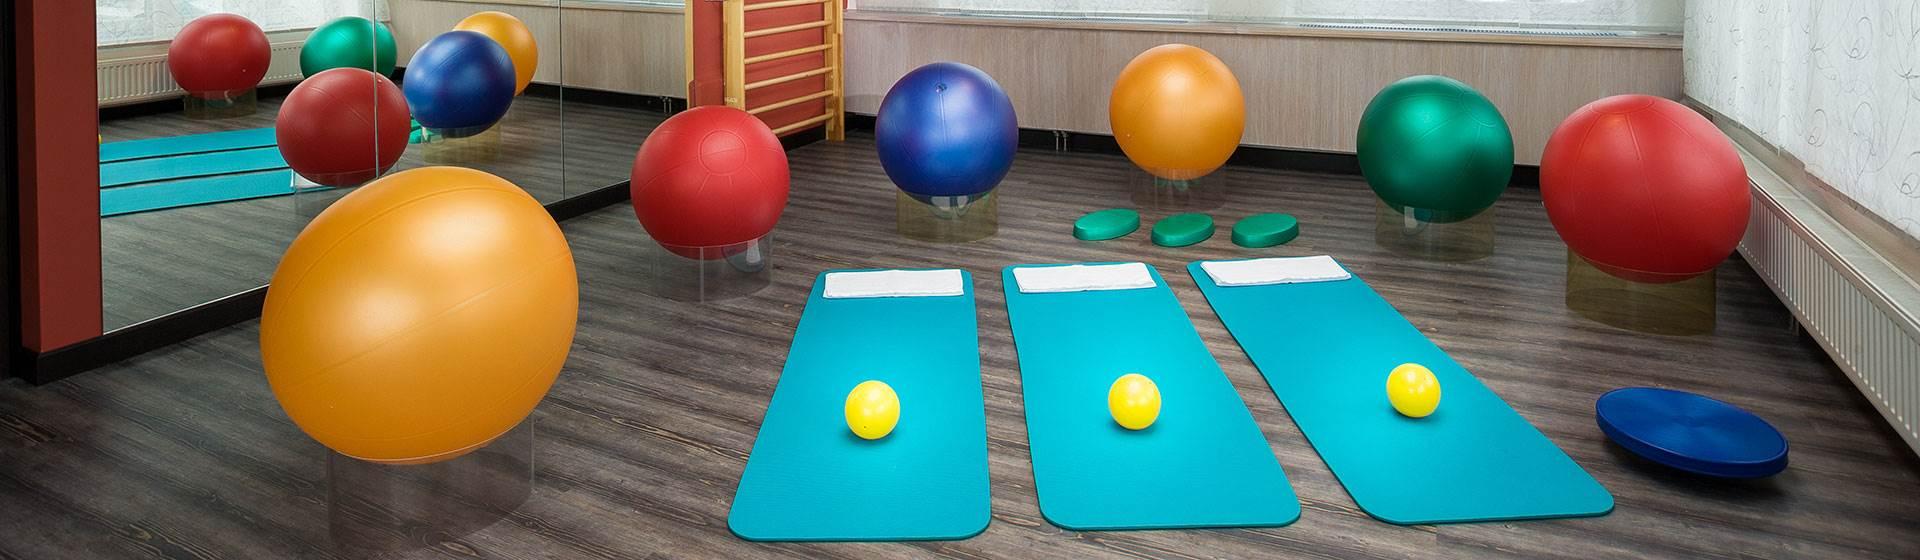 Gymnastikraum mit Matten und Gesundheitsbällen